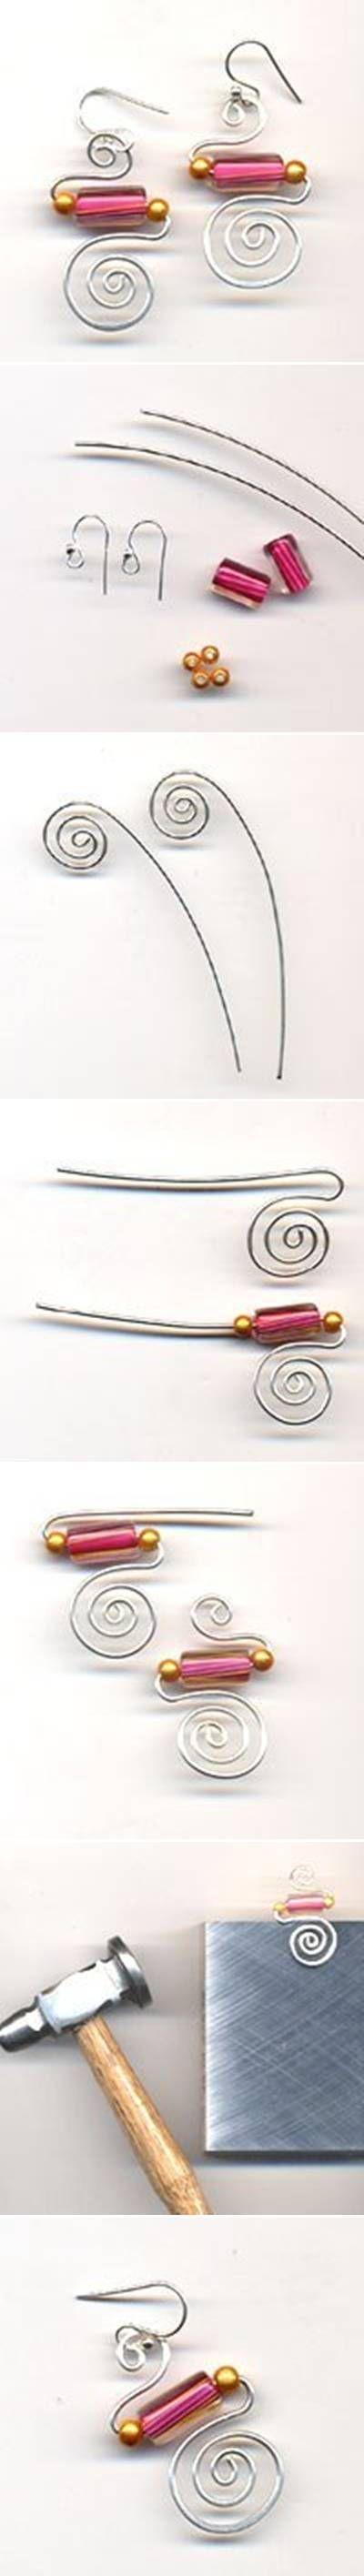 DIY Simple Stylish Wire Earrings